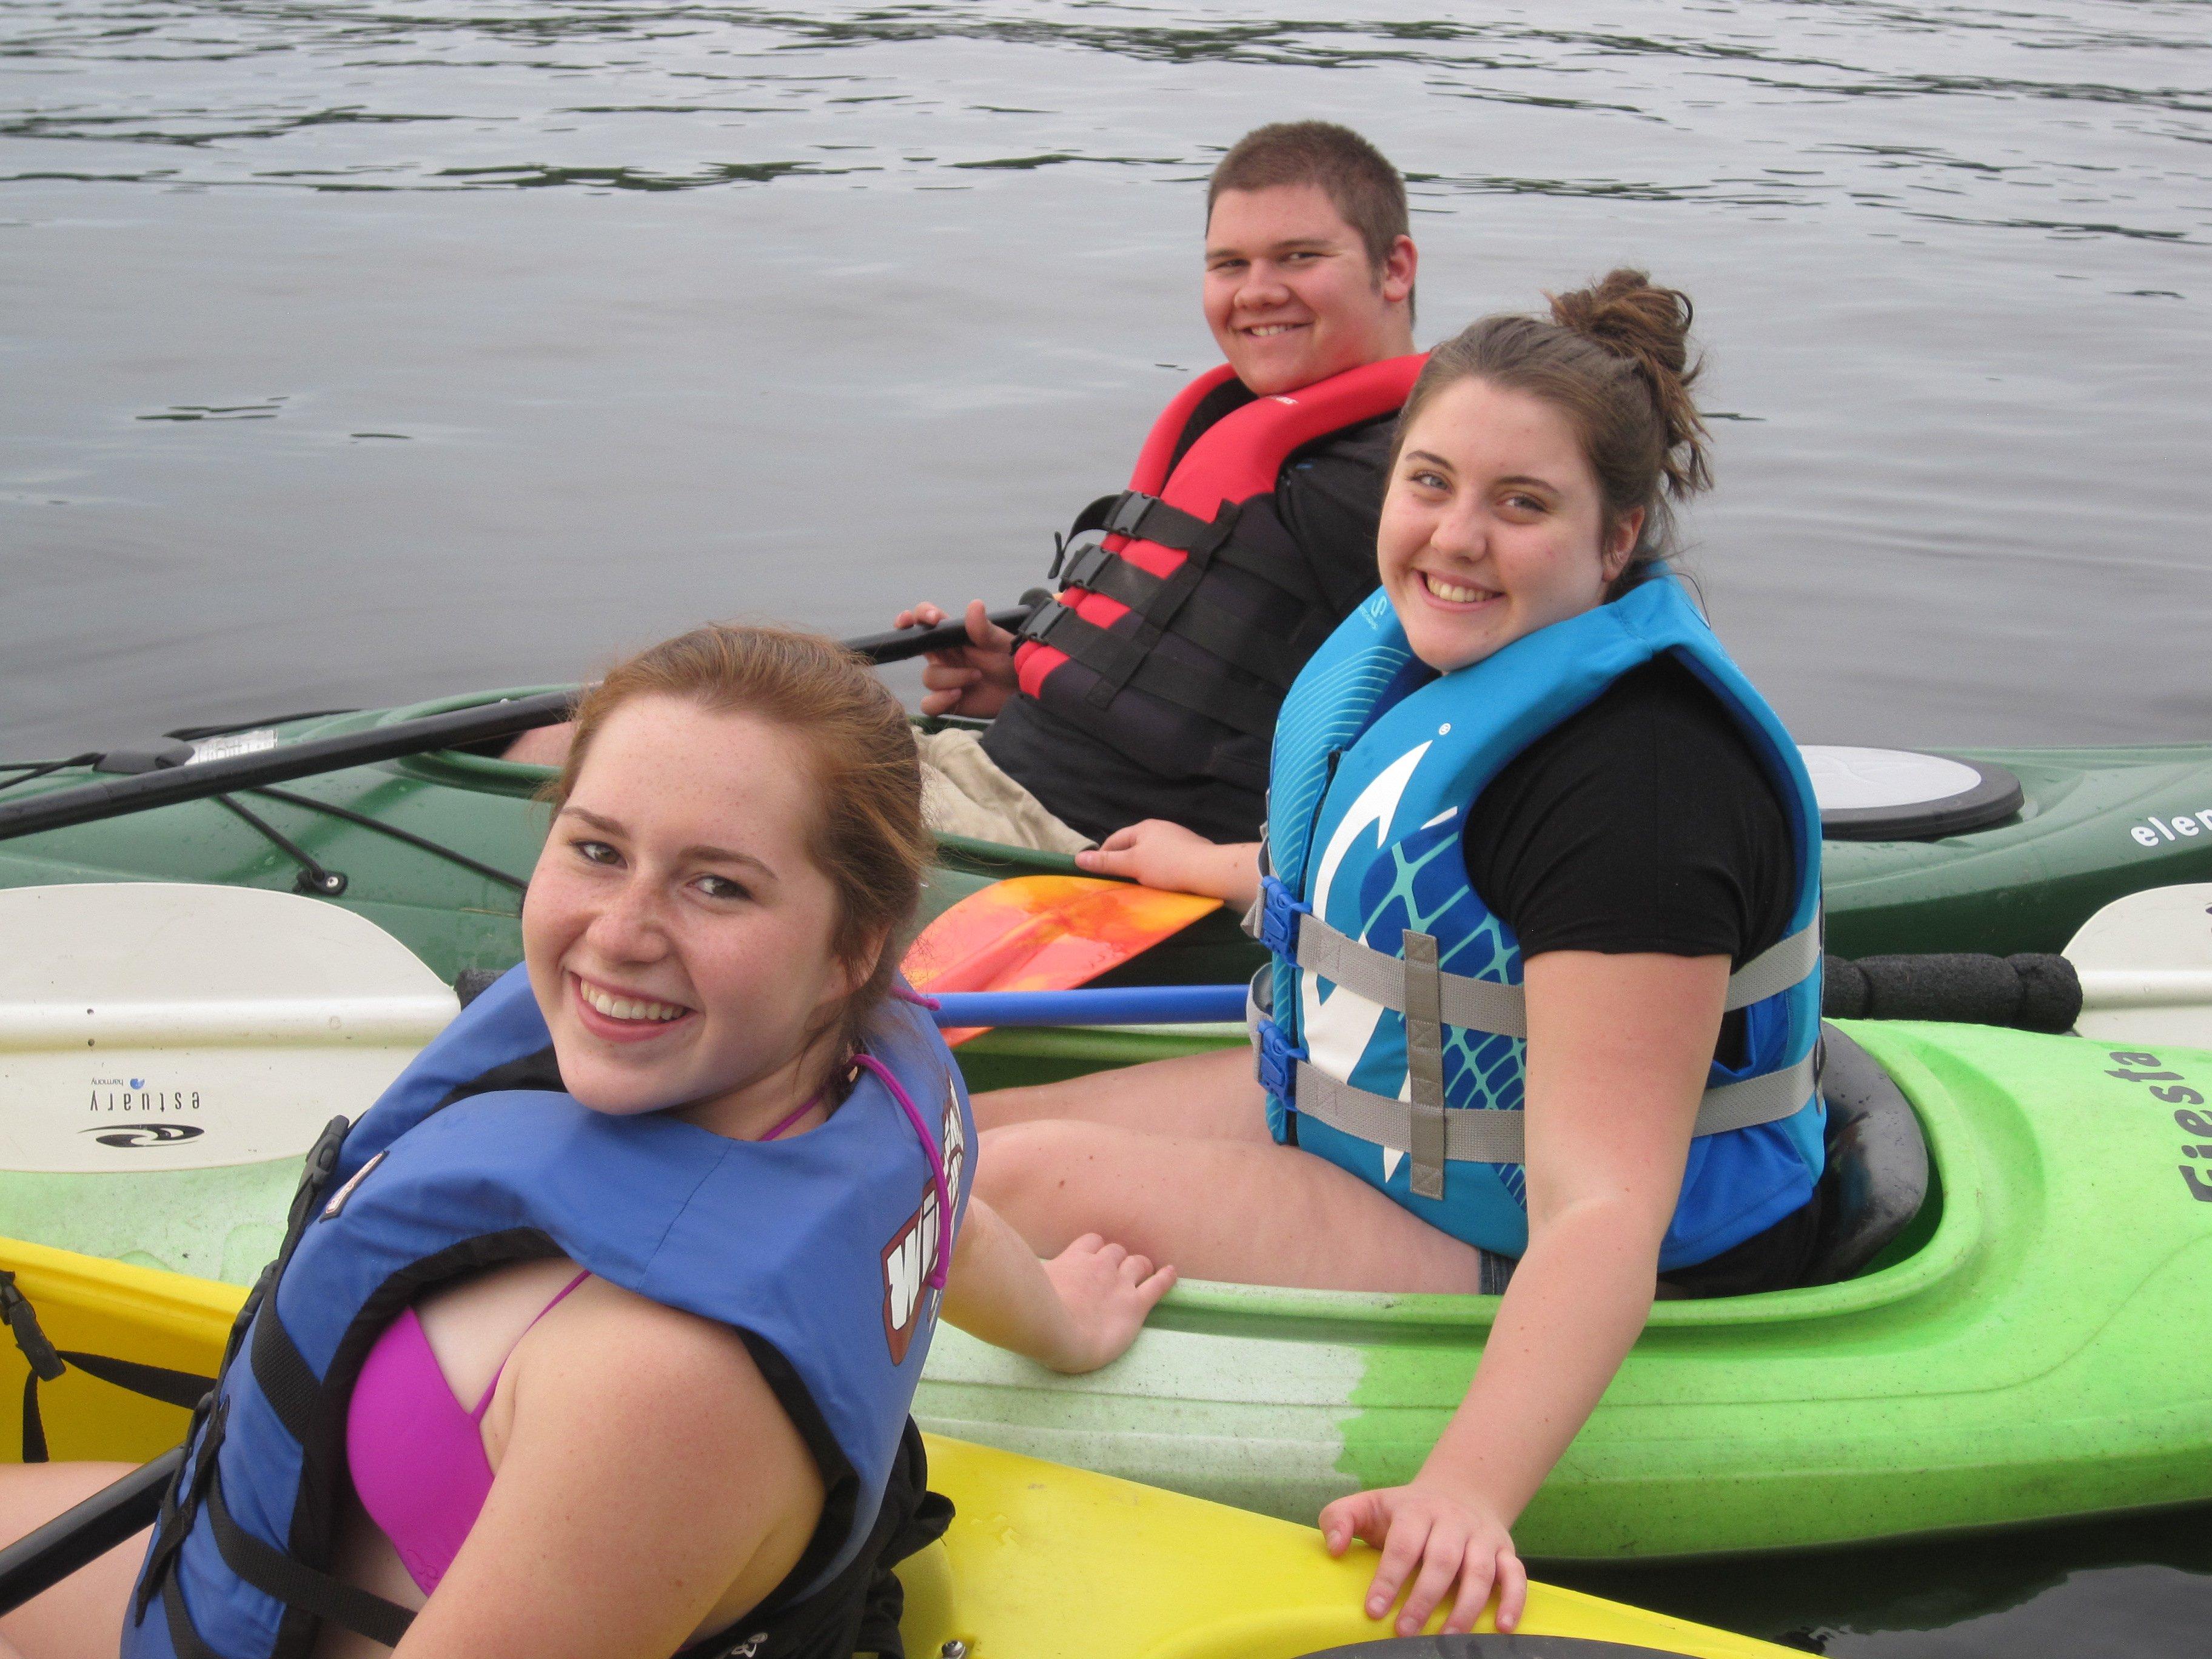 Summer fun on the lake!